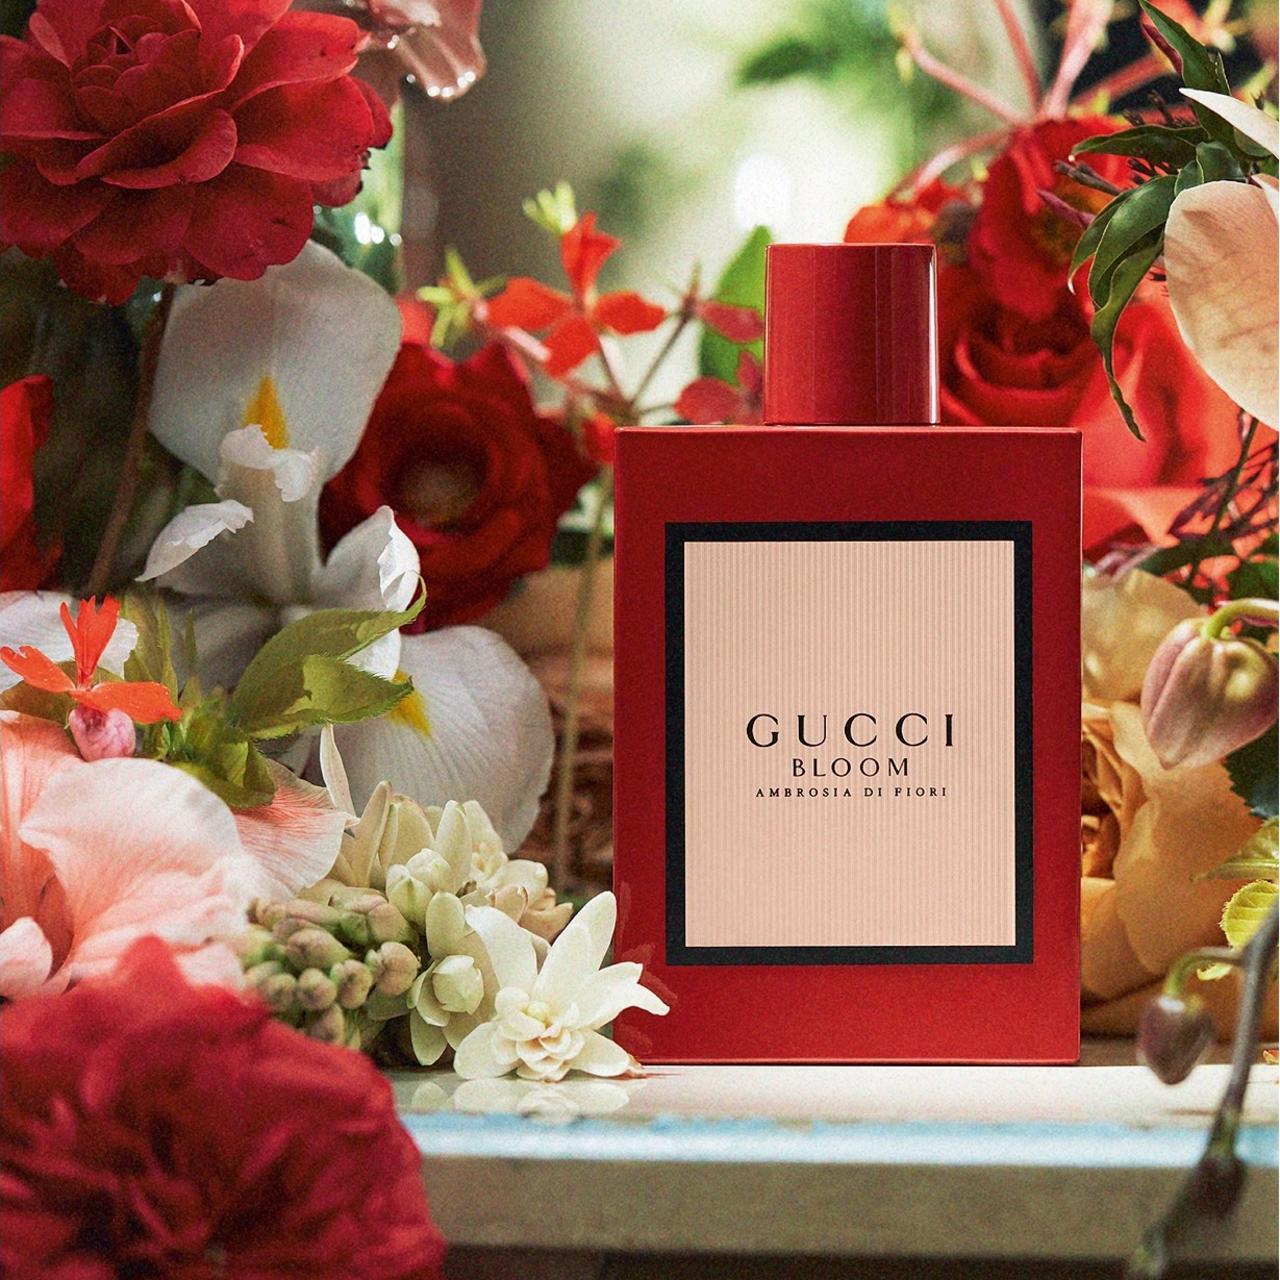 Gucci Bloom Ambrosia di Fiori, 15.599 kr. (50 ml.)